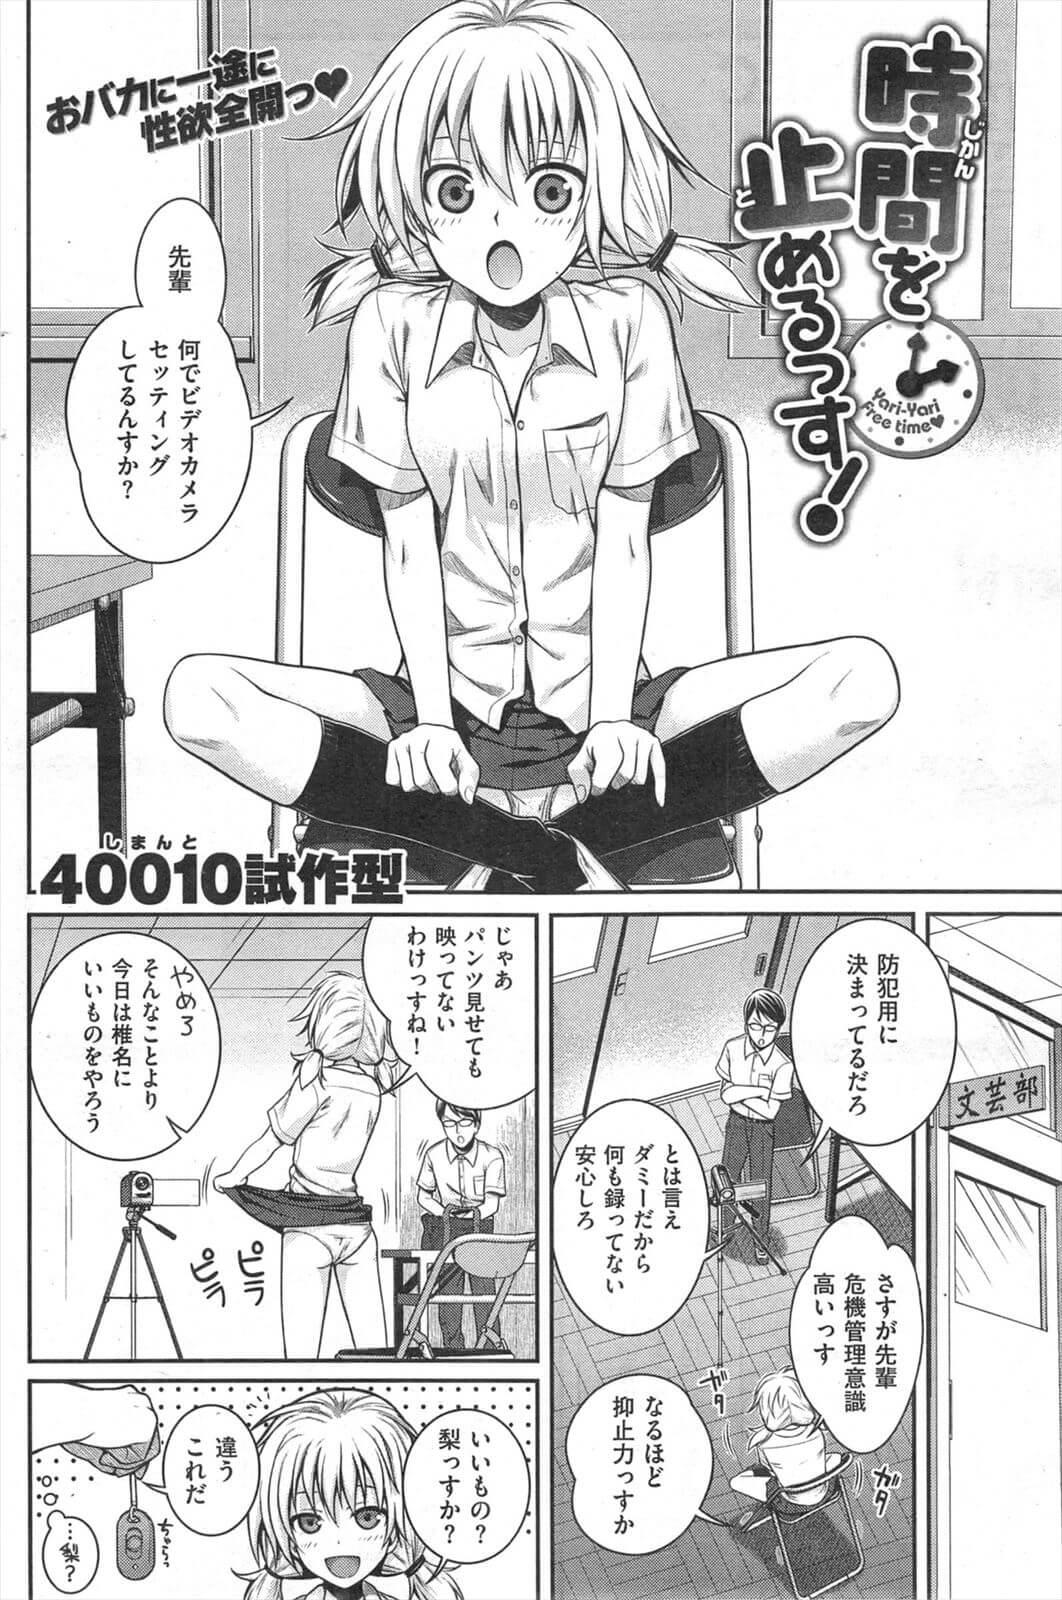 【エロ漫画】ツインテールの制服JKは学校の部活の後輩で理由は分からないが彼女は俺に絶対的な信頼をしているようで…【無料 エロ同人】